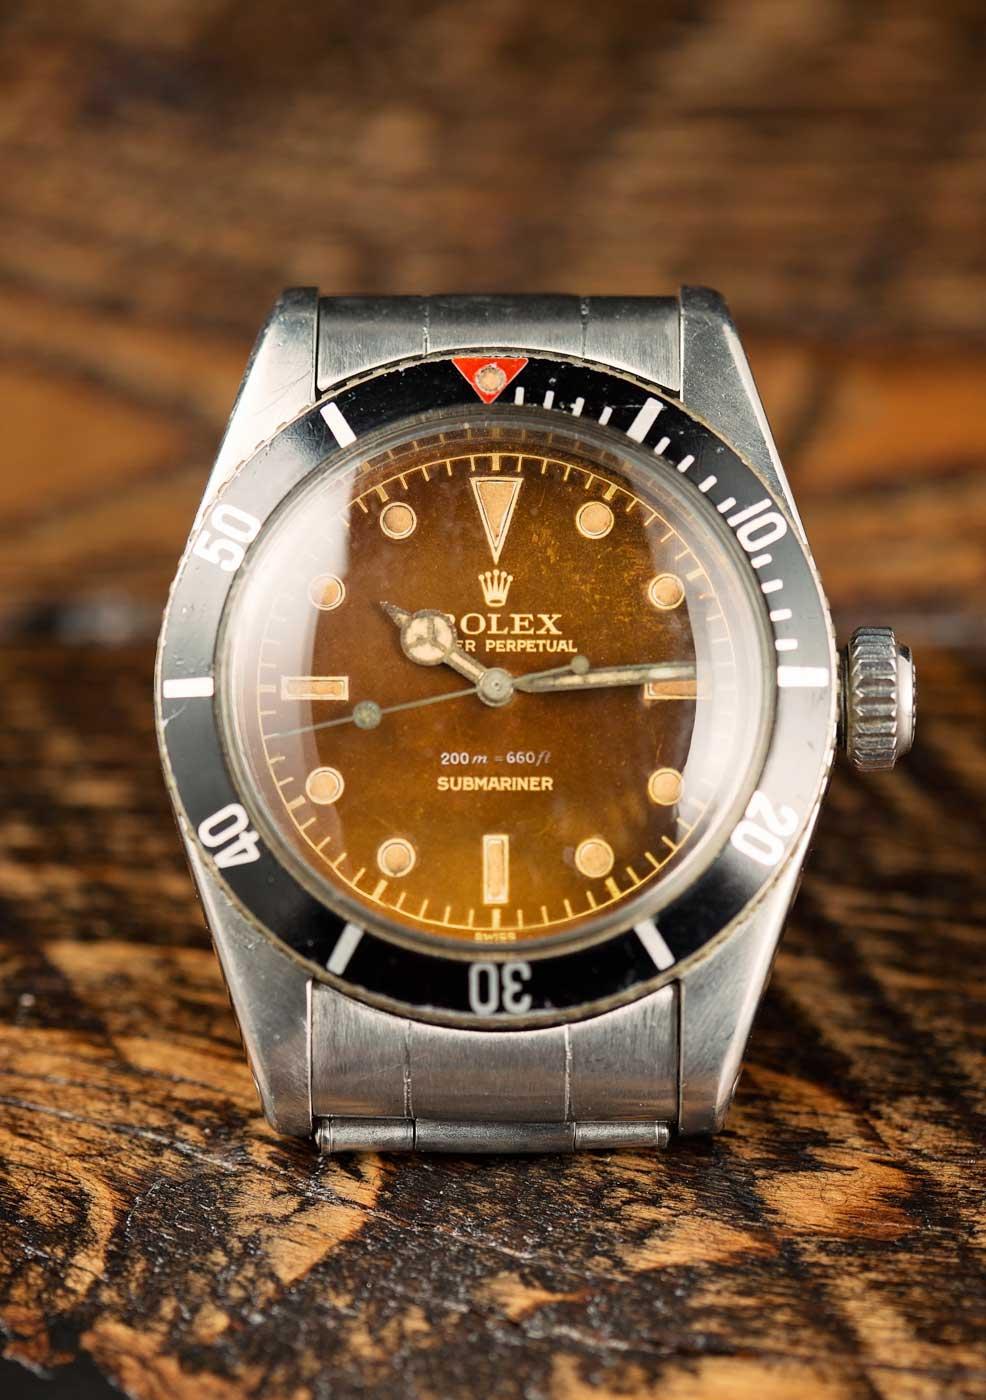 Submariner 6538